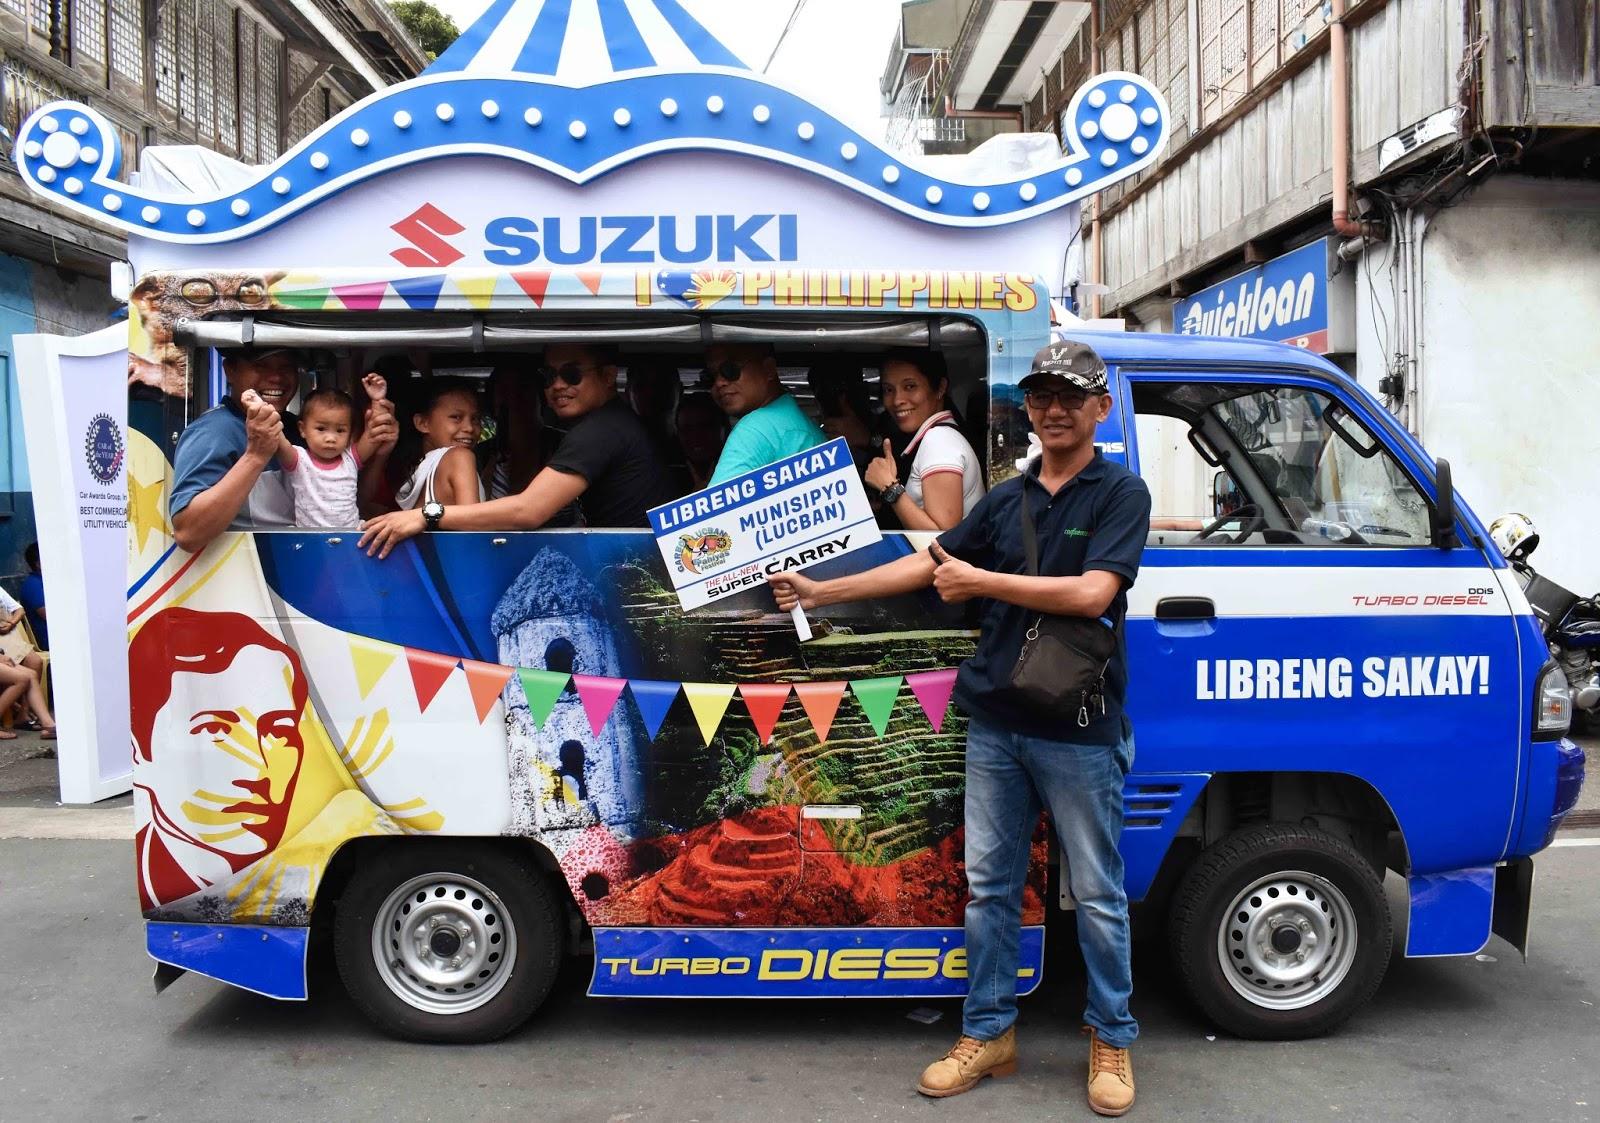 Suzuki's 'Libreng Sakay'